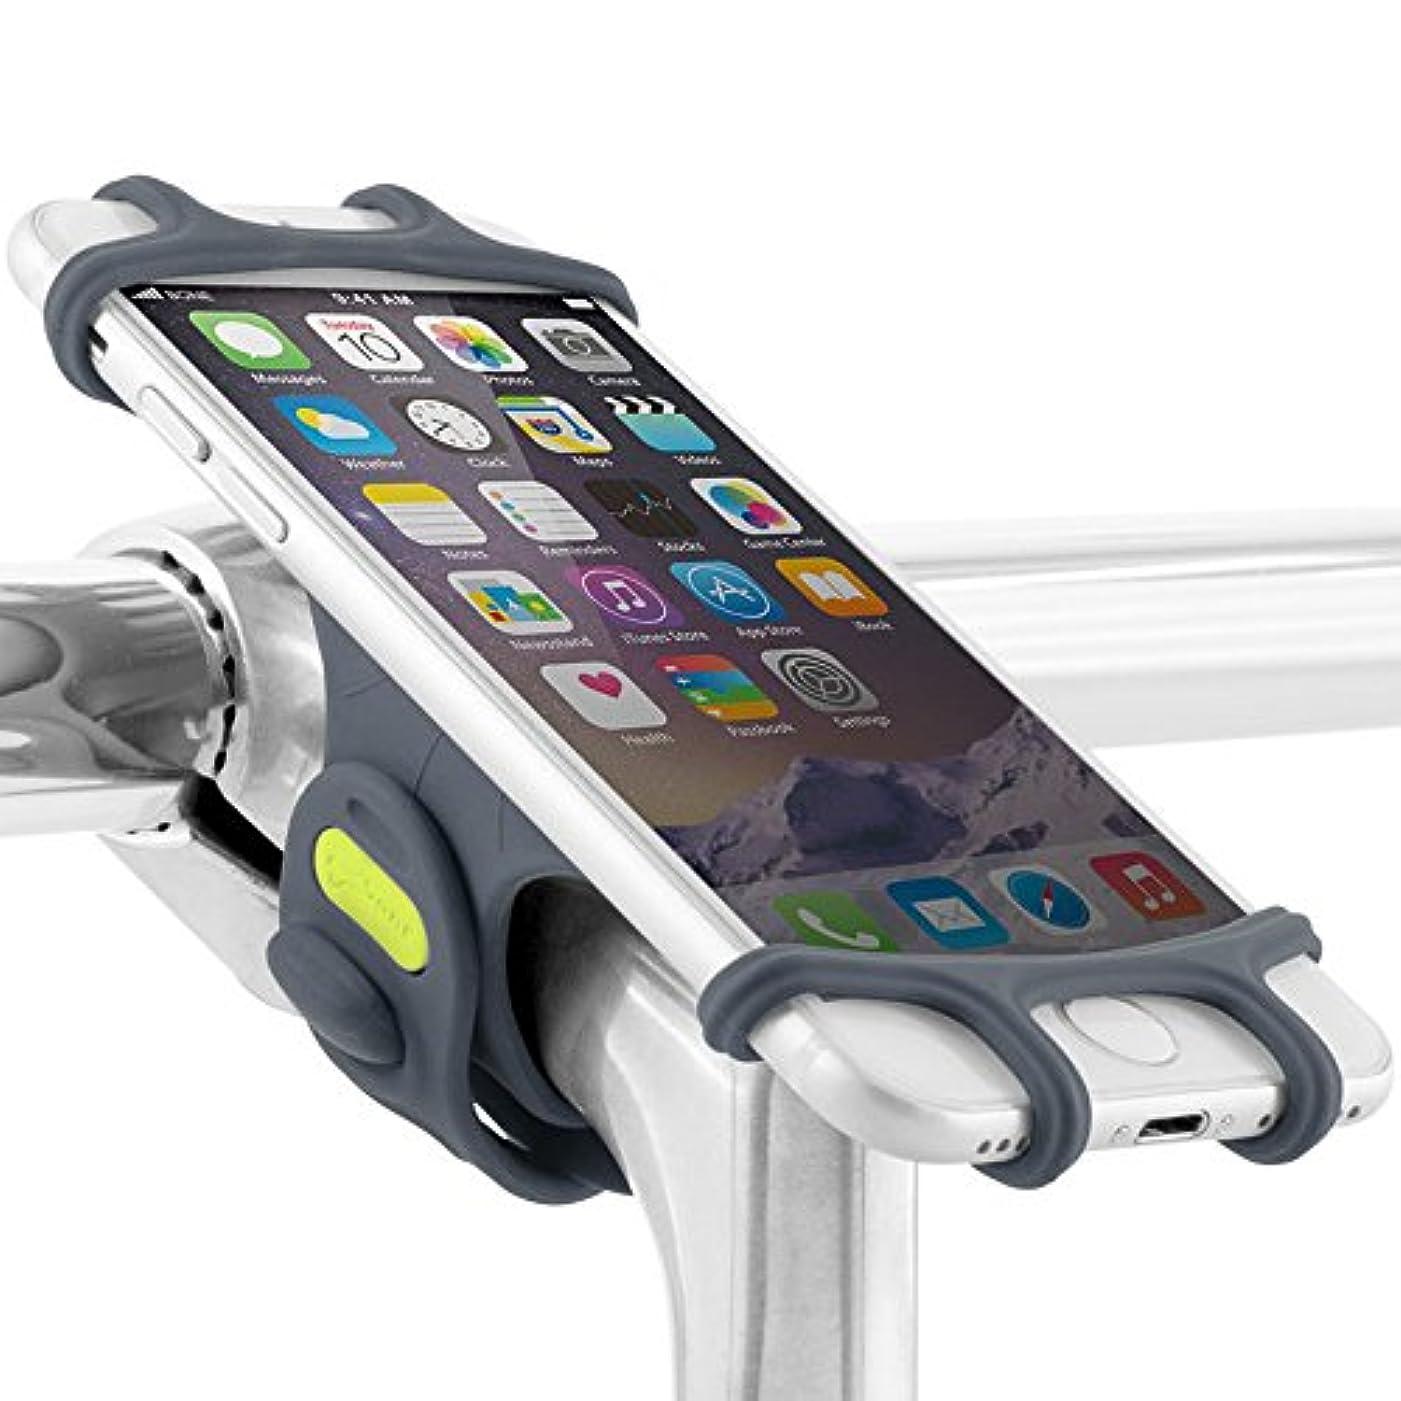 多くの危険がある状況狂気結晶Bone Collection Bike Tie Pro 自転車スマホホルダー シリコン製 ステム用 4-6インチ対応 BK17001-B